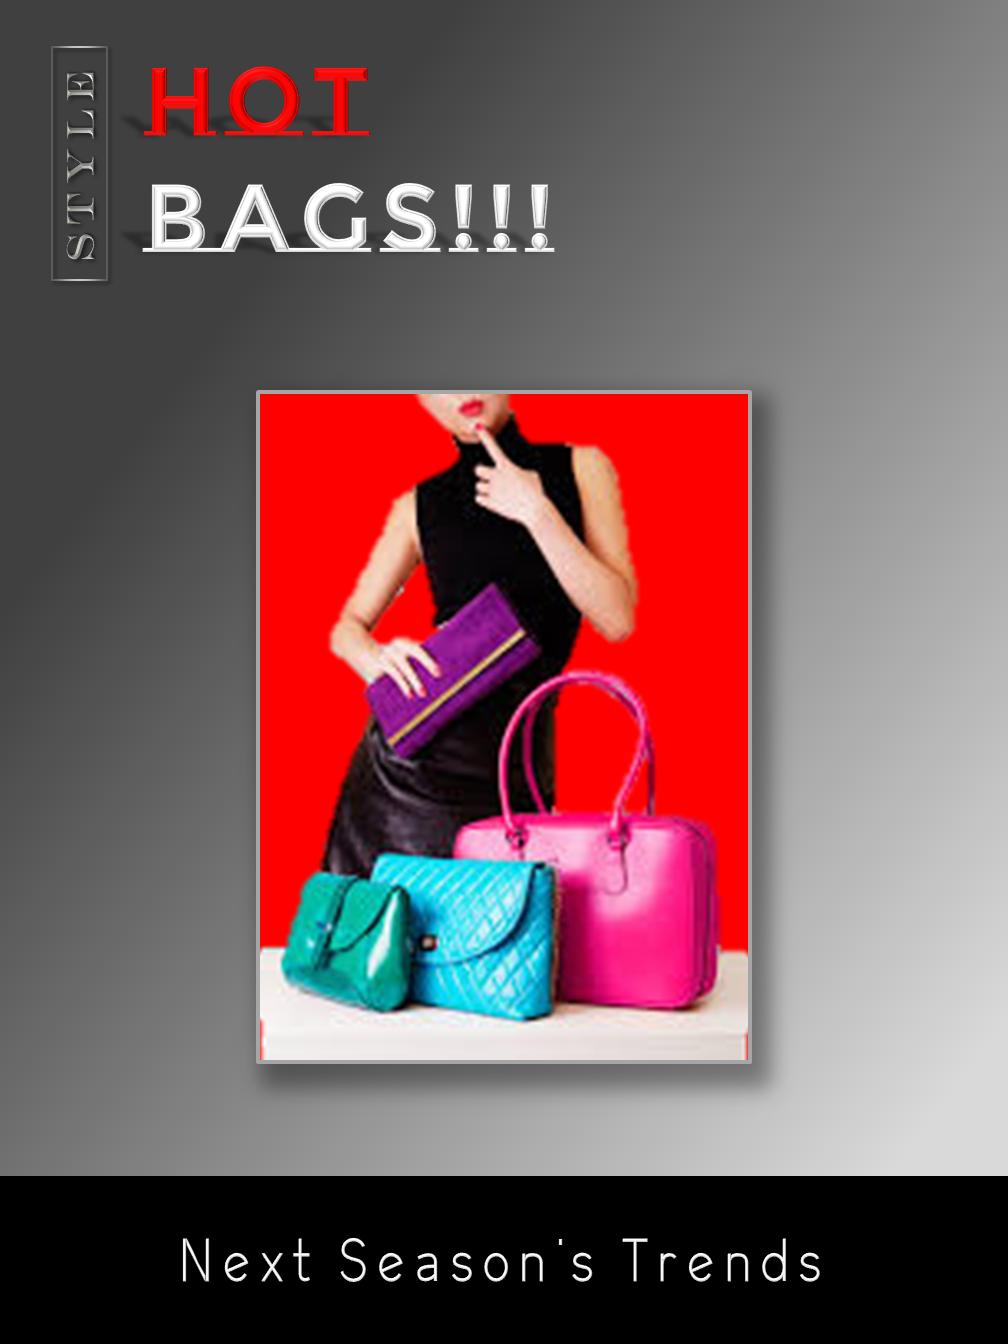 Hot Bags